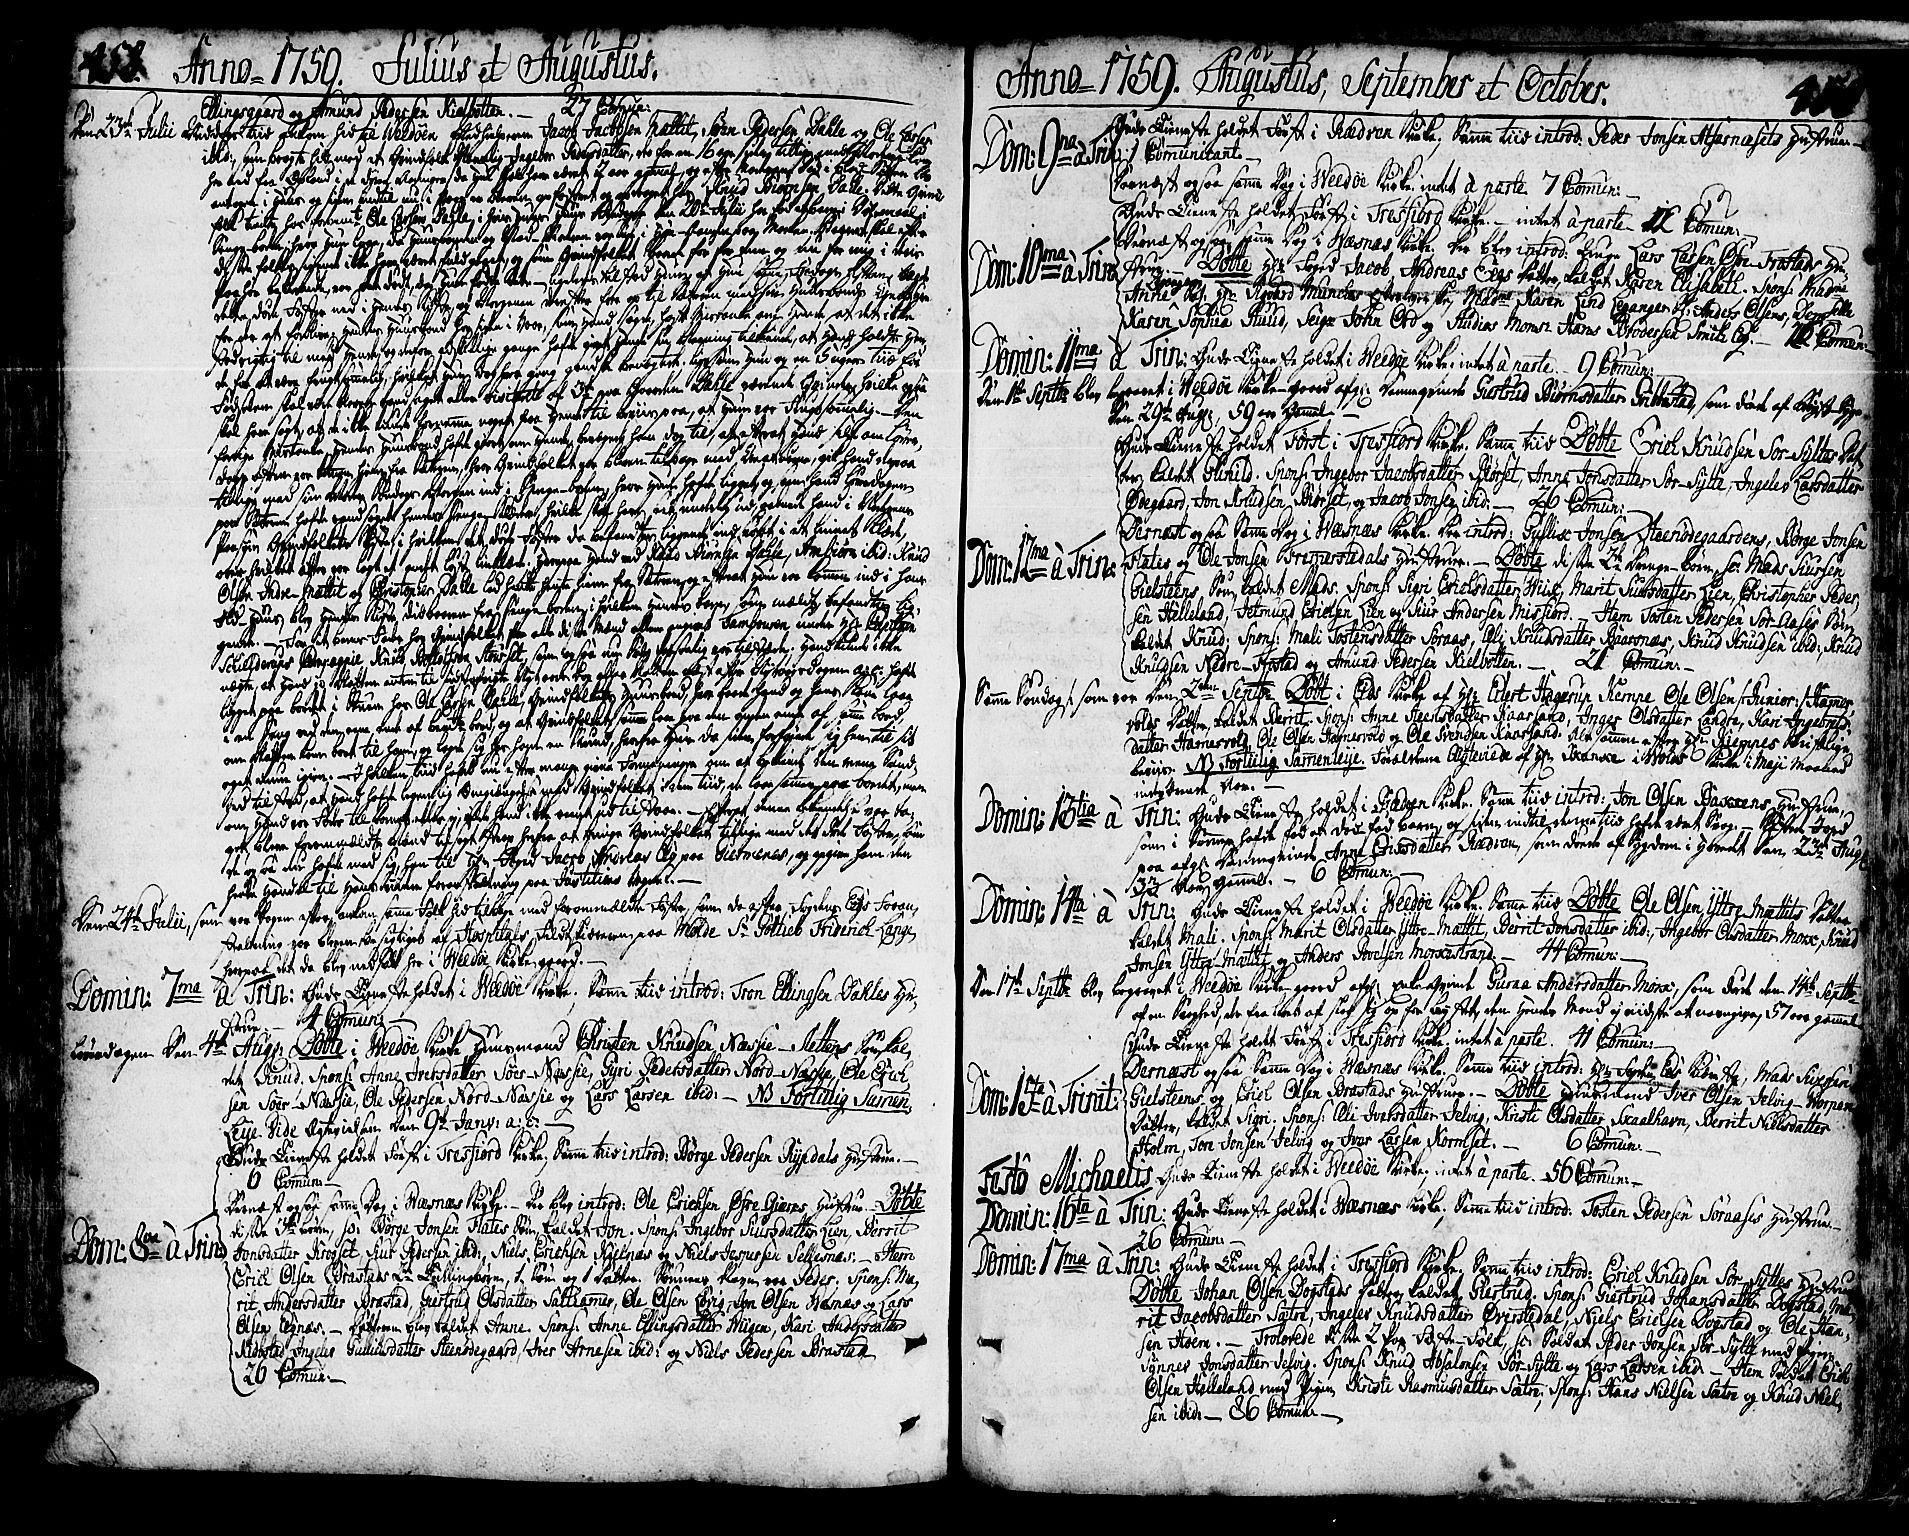 SAT, Ministerialprotokoller, klokkerbøker og fødselsregistre - Møre og Romsdal, 547/L0599: Ministerialbok nr. 547A01, 1721-1764, s. 458-459